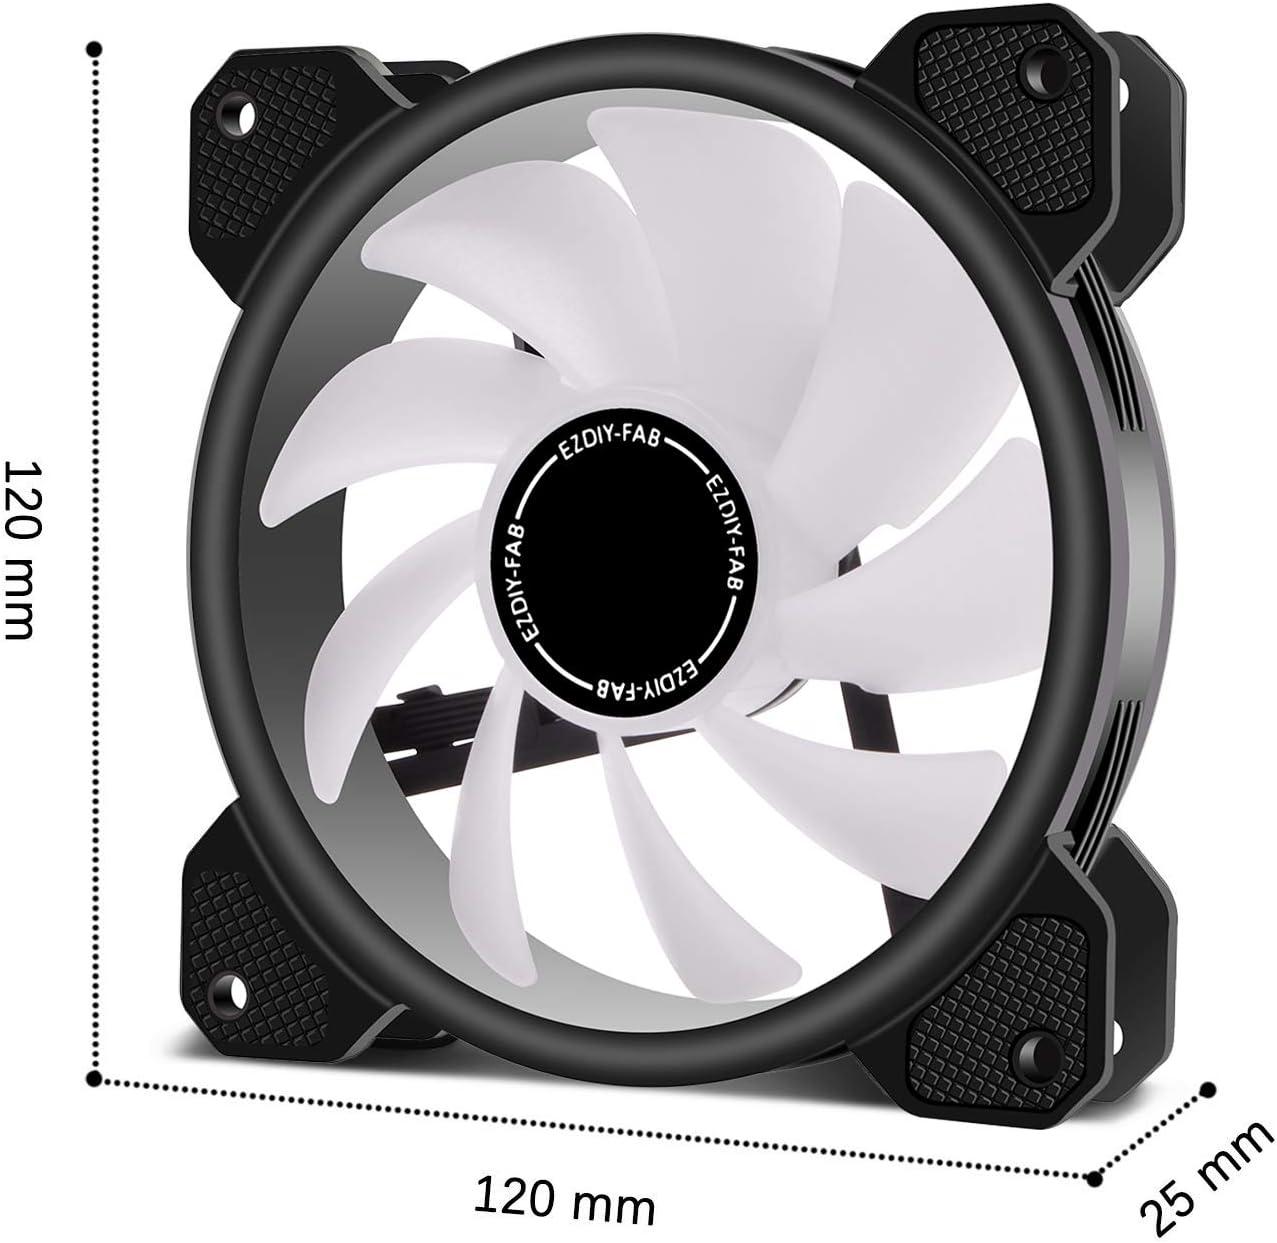 EZDIY-FAB 5 Pack-120mm Ventilador RGB LED para Estuches para PC, Ventilador de refrigeración de la CPU, Ventilador de refrigeración de Agua, Ventilador de Caja RGB direccionable con Controlador: Amazon.es: Electrónica